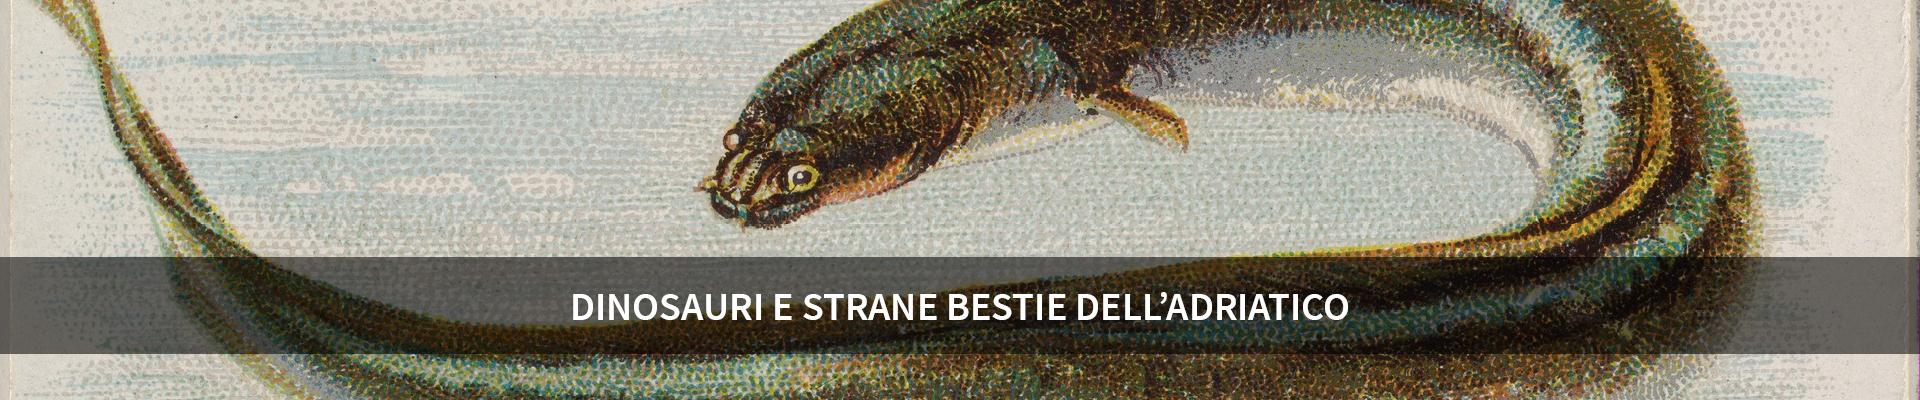 Dinosauri e strane bestie dell'Adriatico -